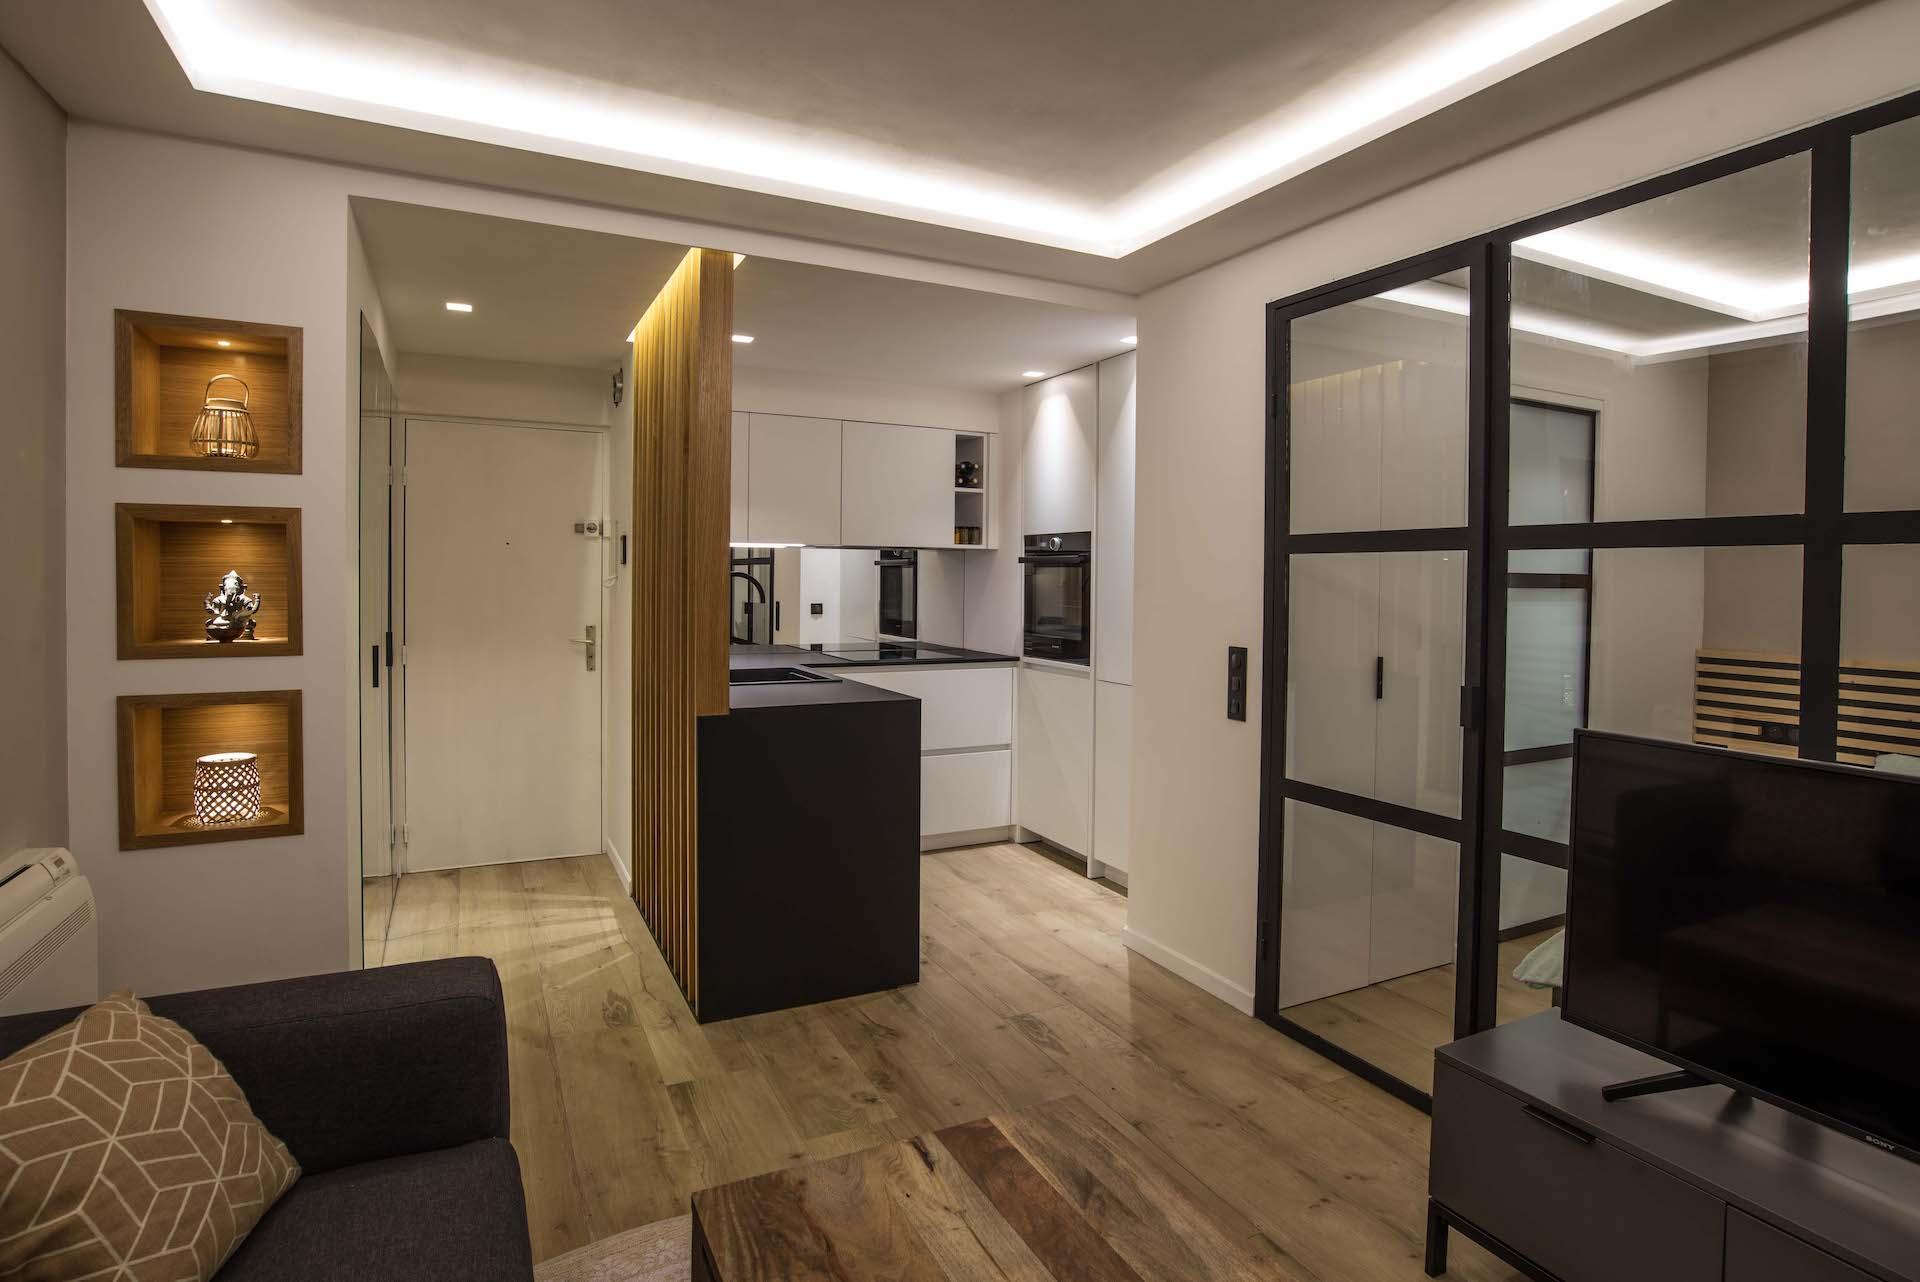 Rénovation-aménagement-décoration-appartement-Sainte-Maxime-architecte-interieur-var18